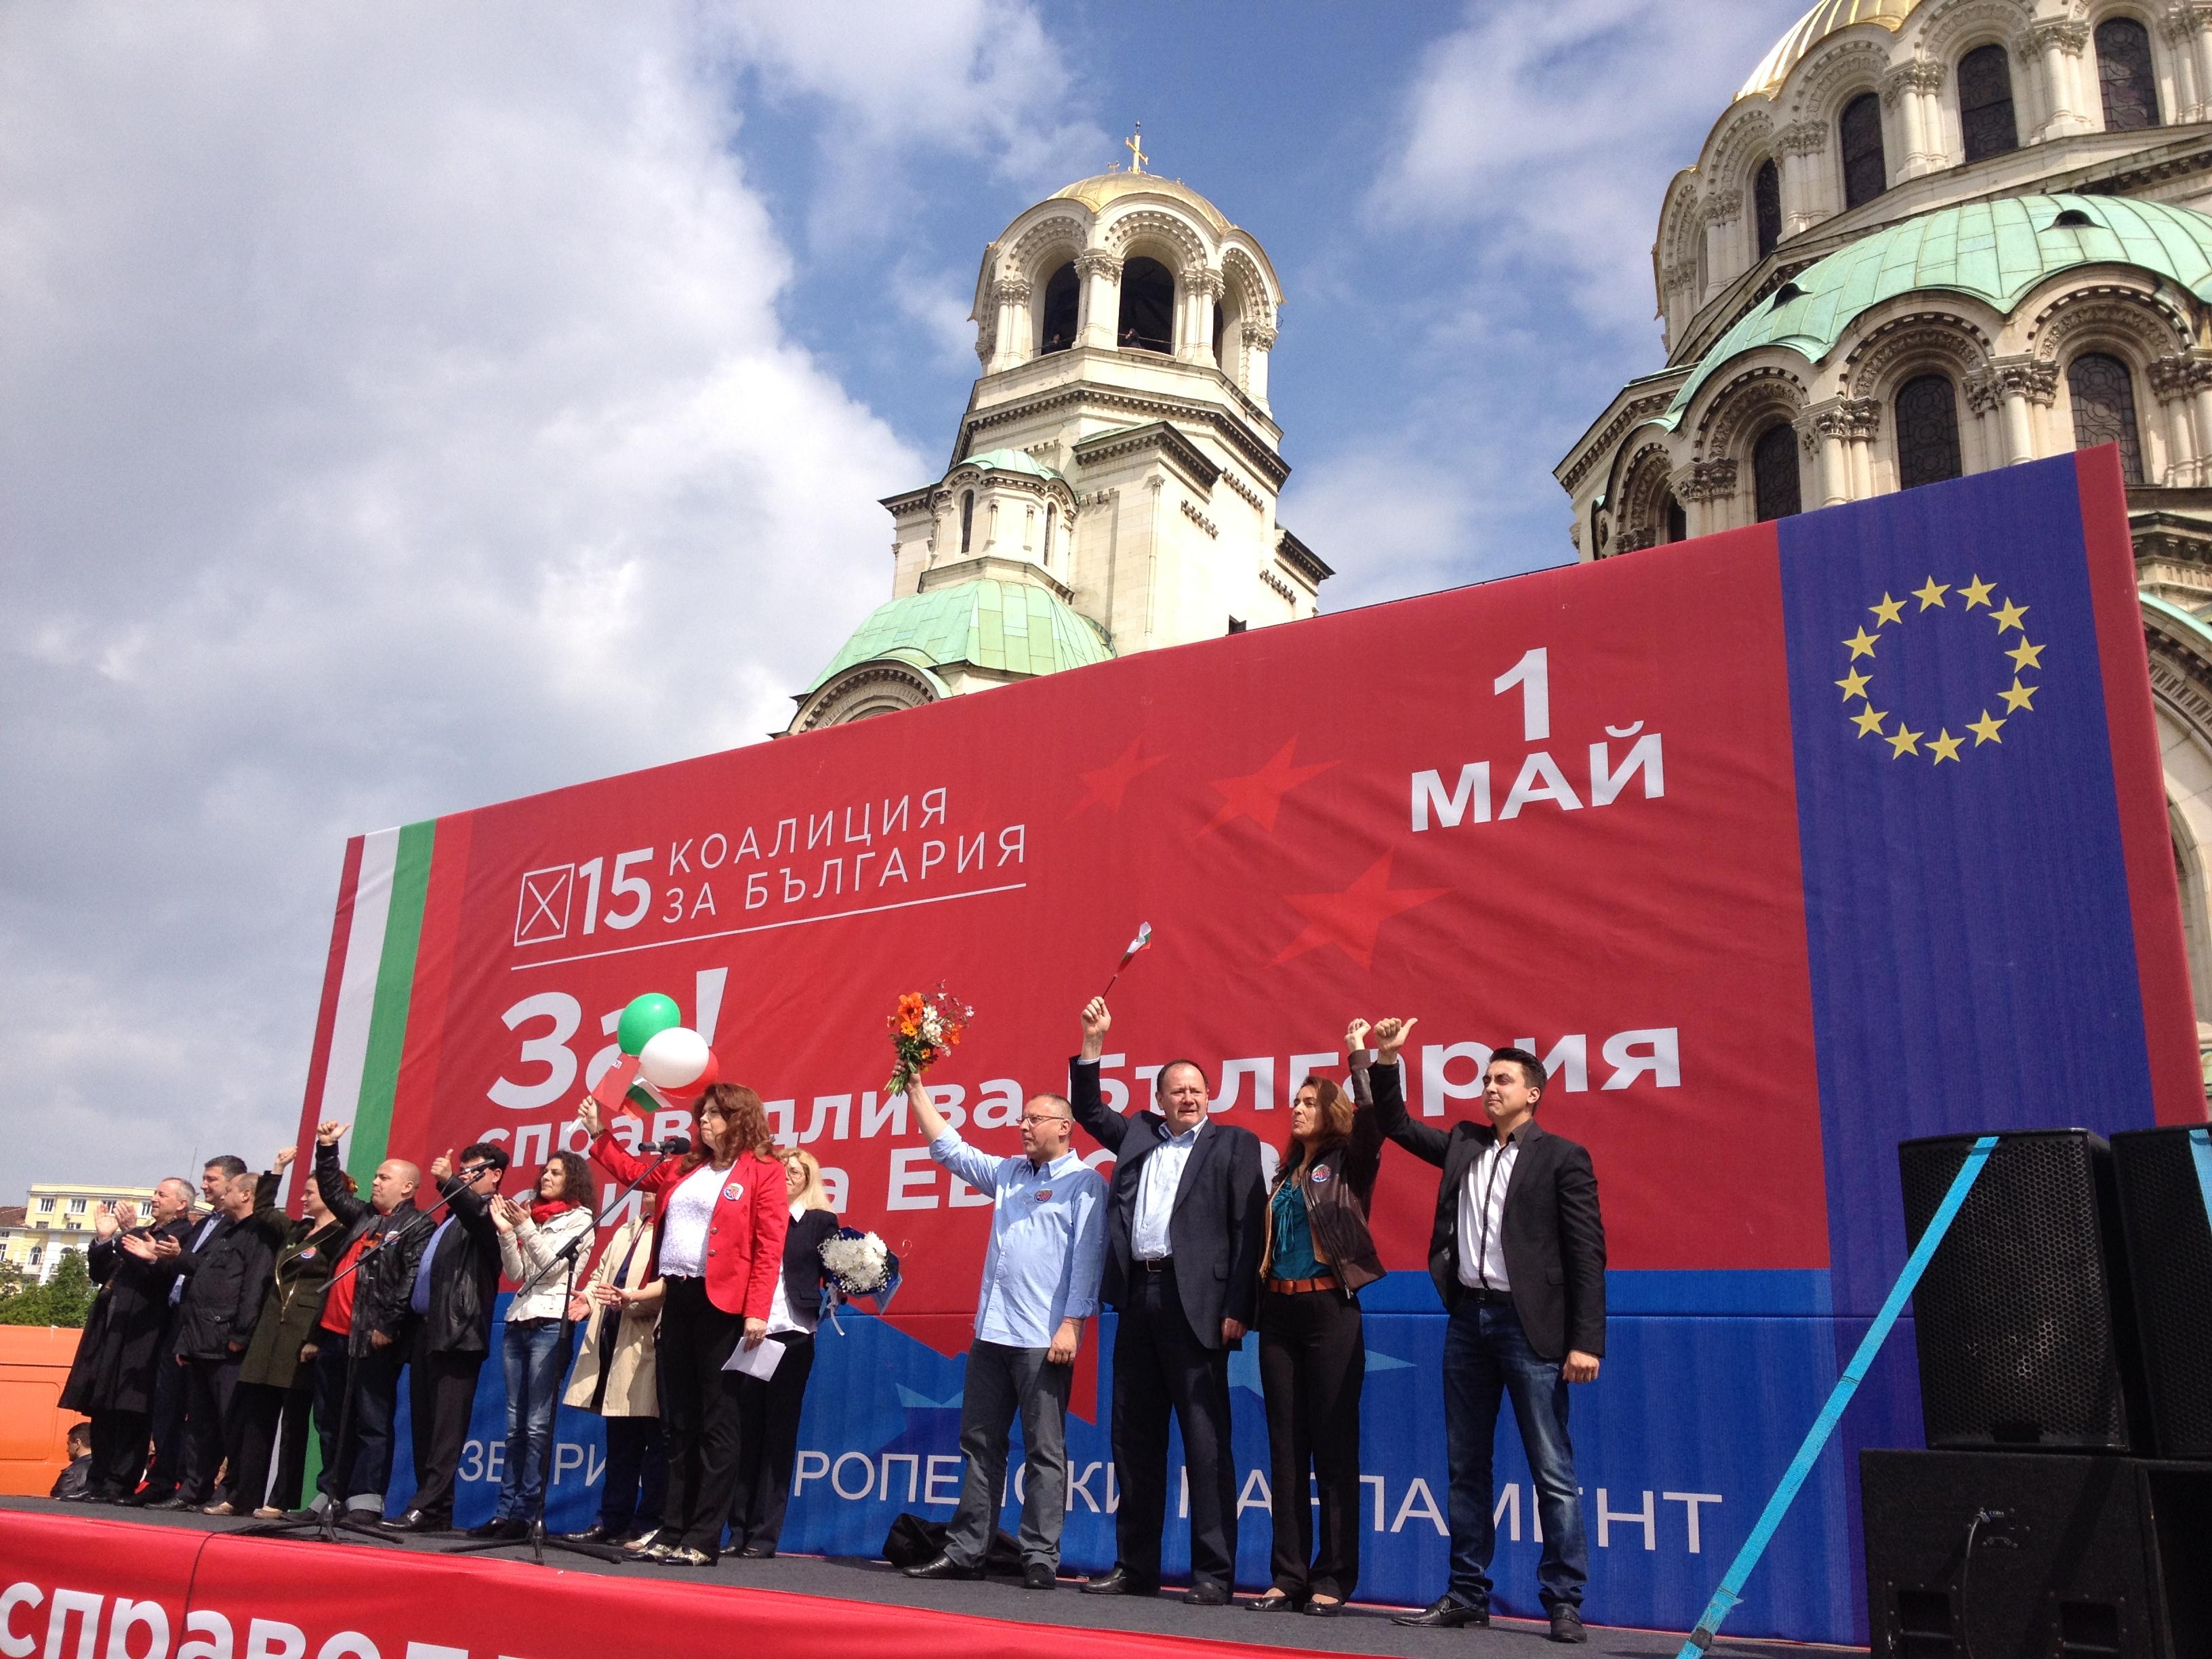 Socialistpartiet BSP manifesterar på förstamaj utanför Alexander Nevski katedralen i centrala Sofia. Bild: Maria Georgieva